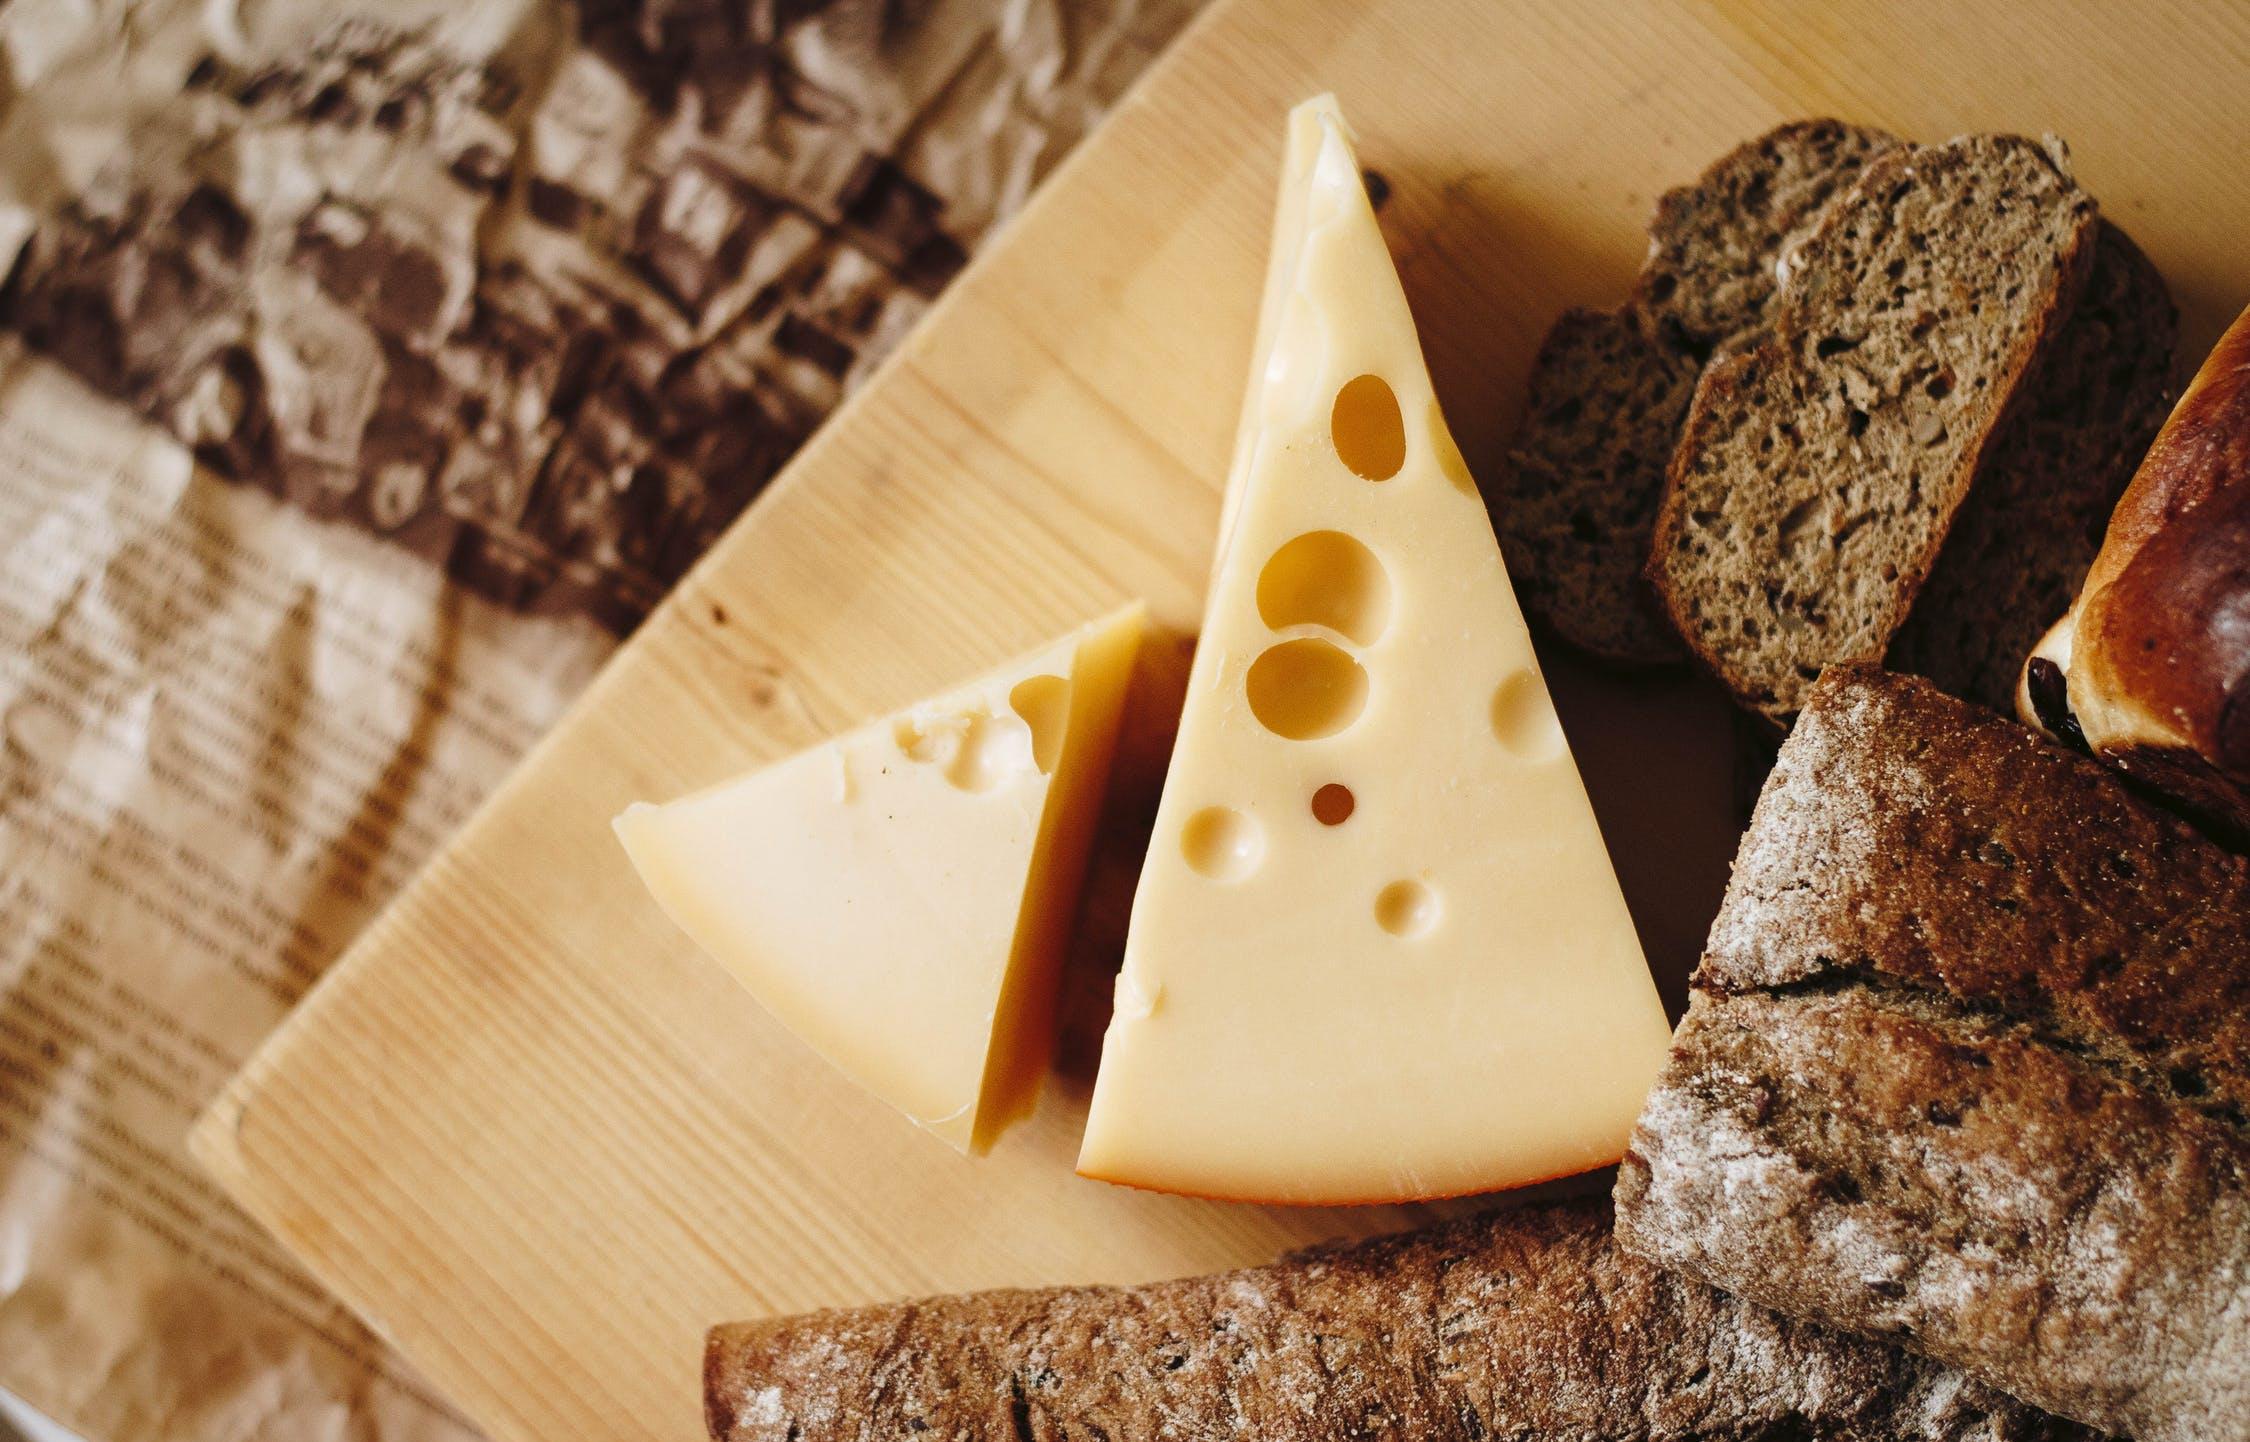 Как отличить настоящий сыр от суррогата, рассказал Россельхознадзор - новости Афанасий